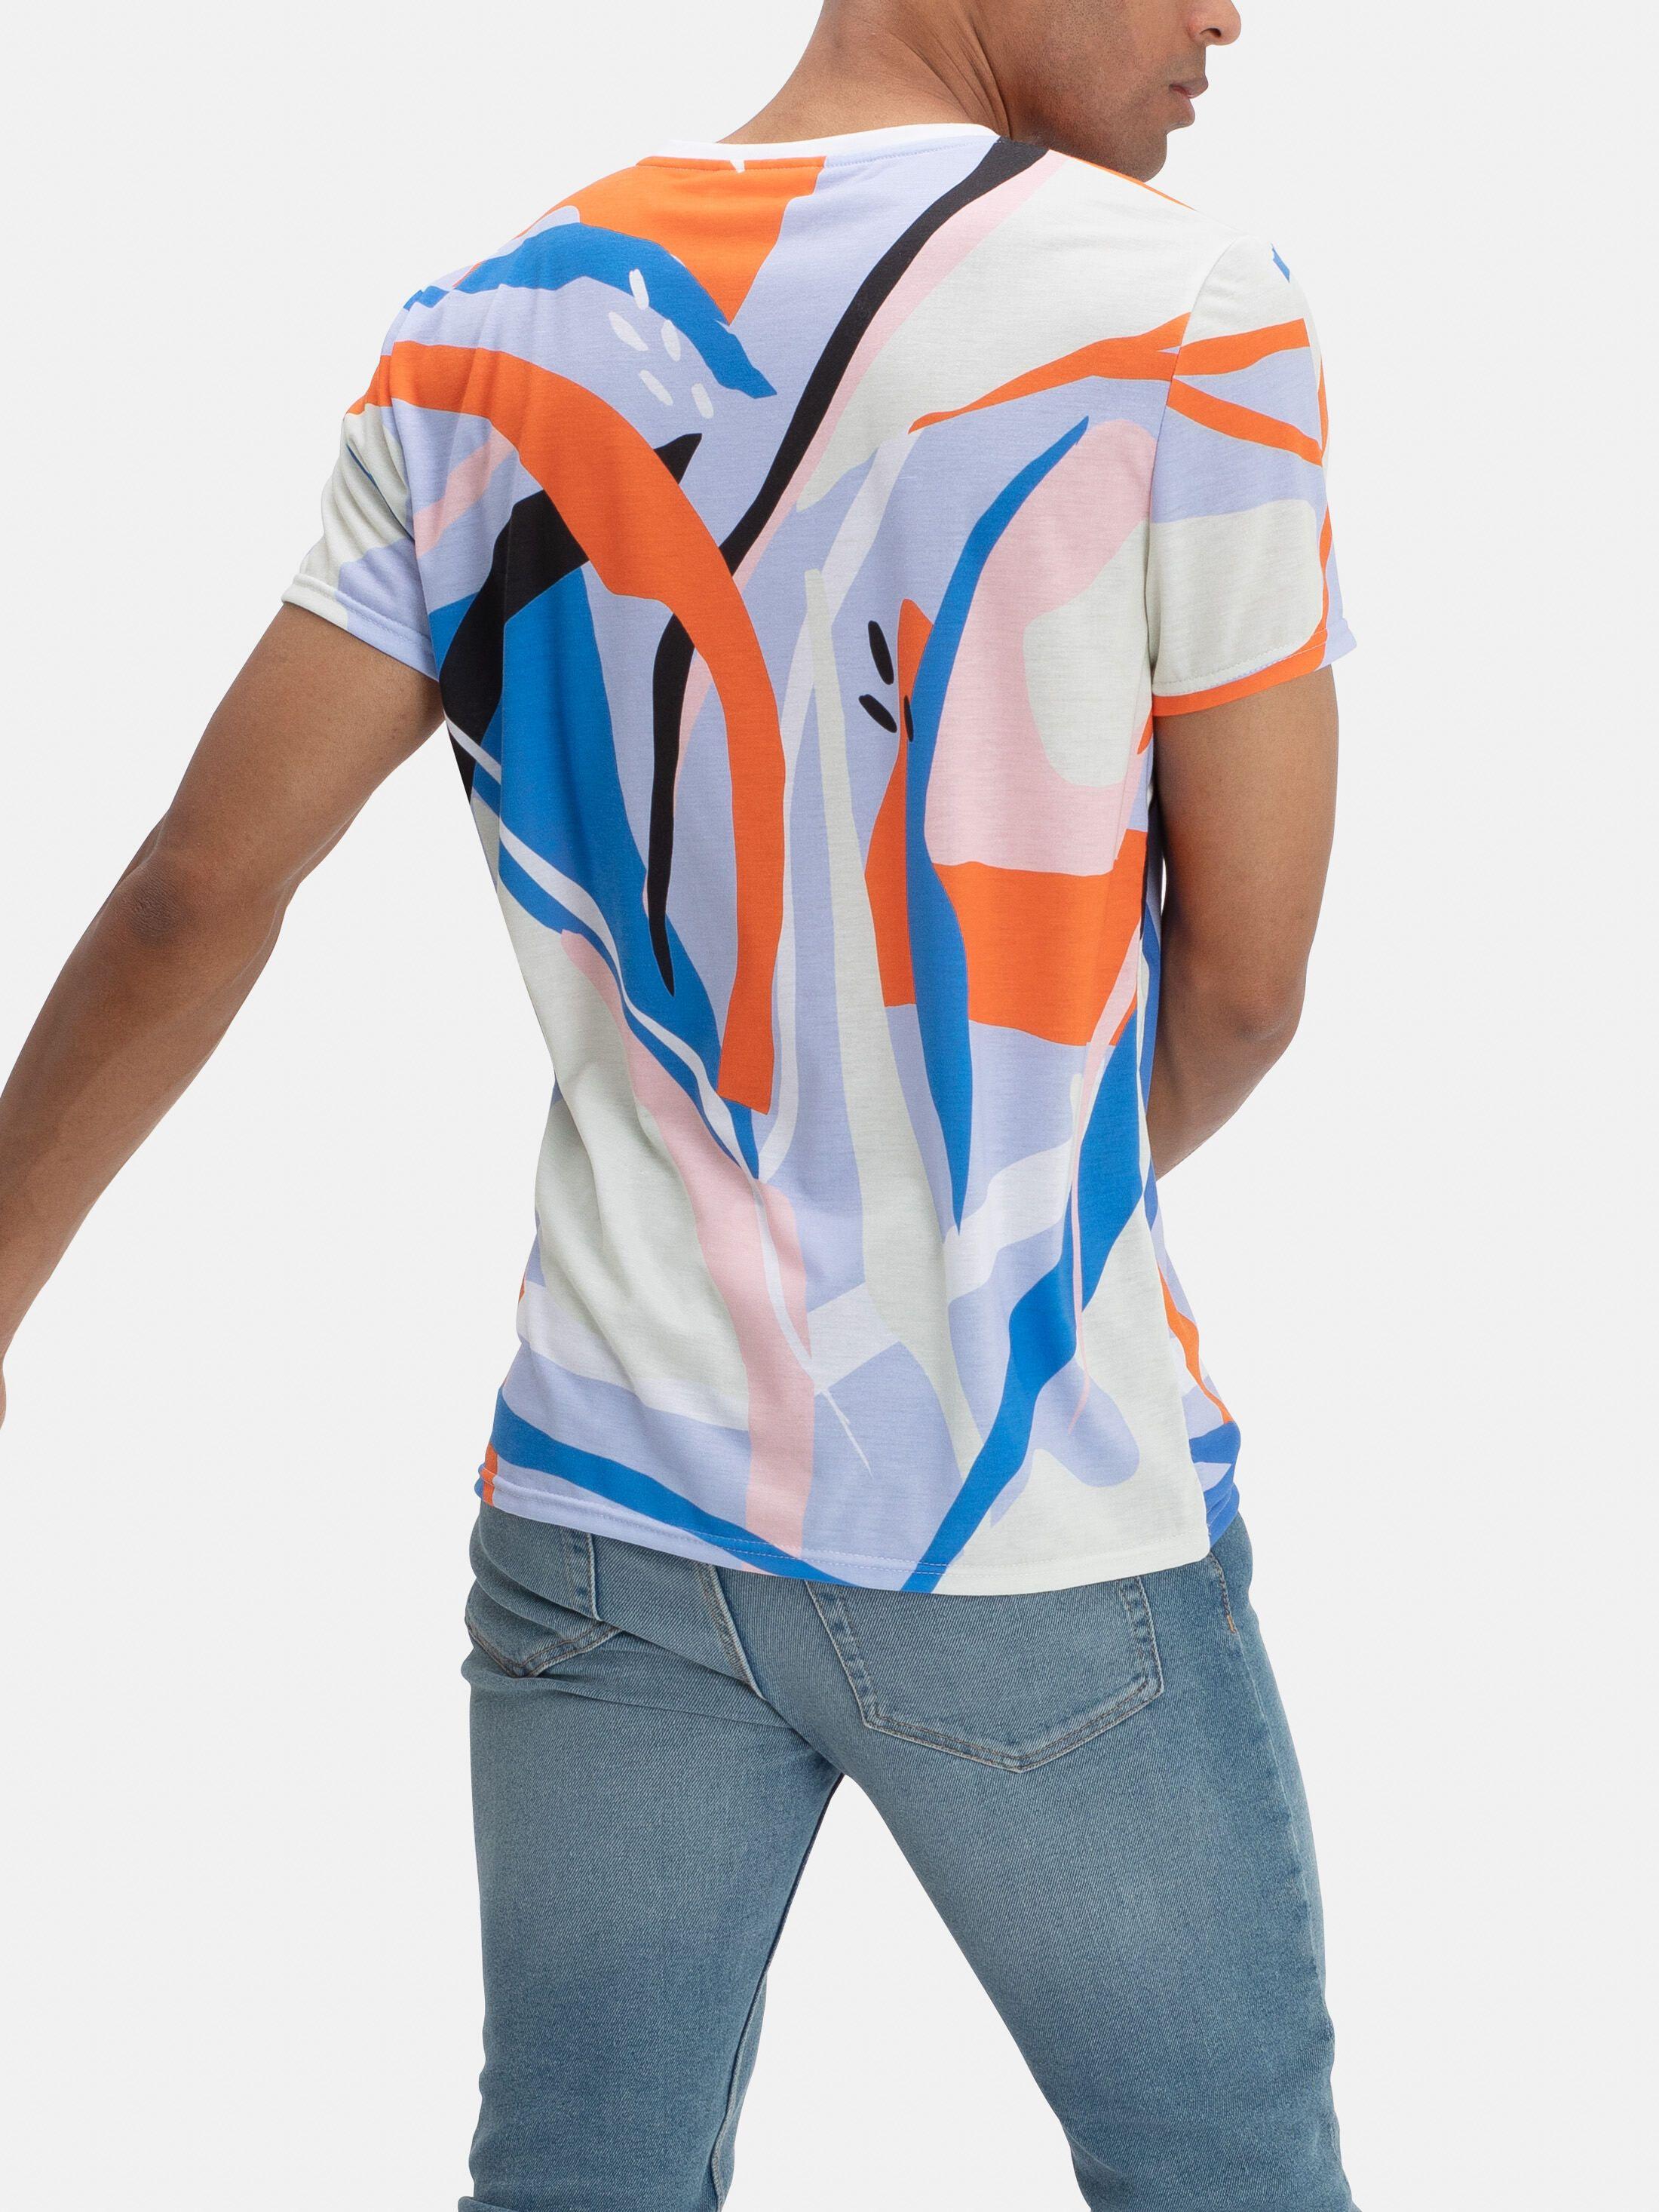 tシャツ作成 全面プリント